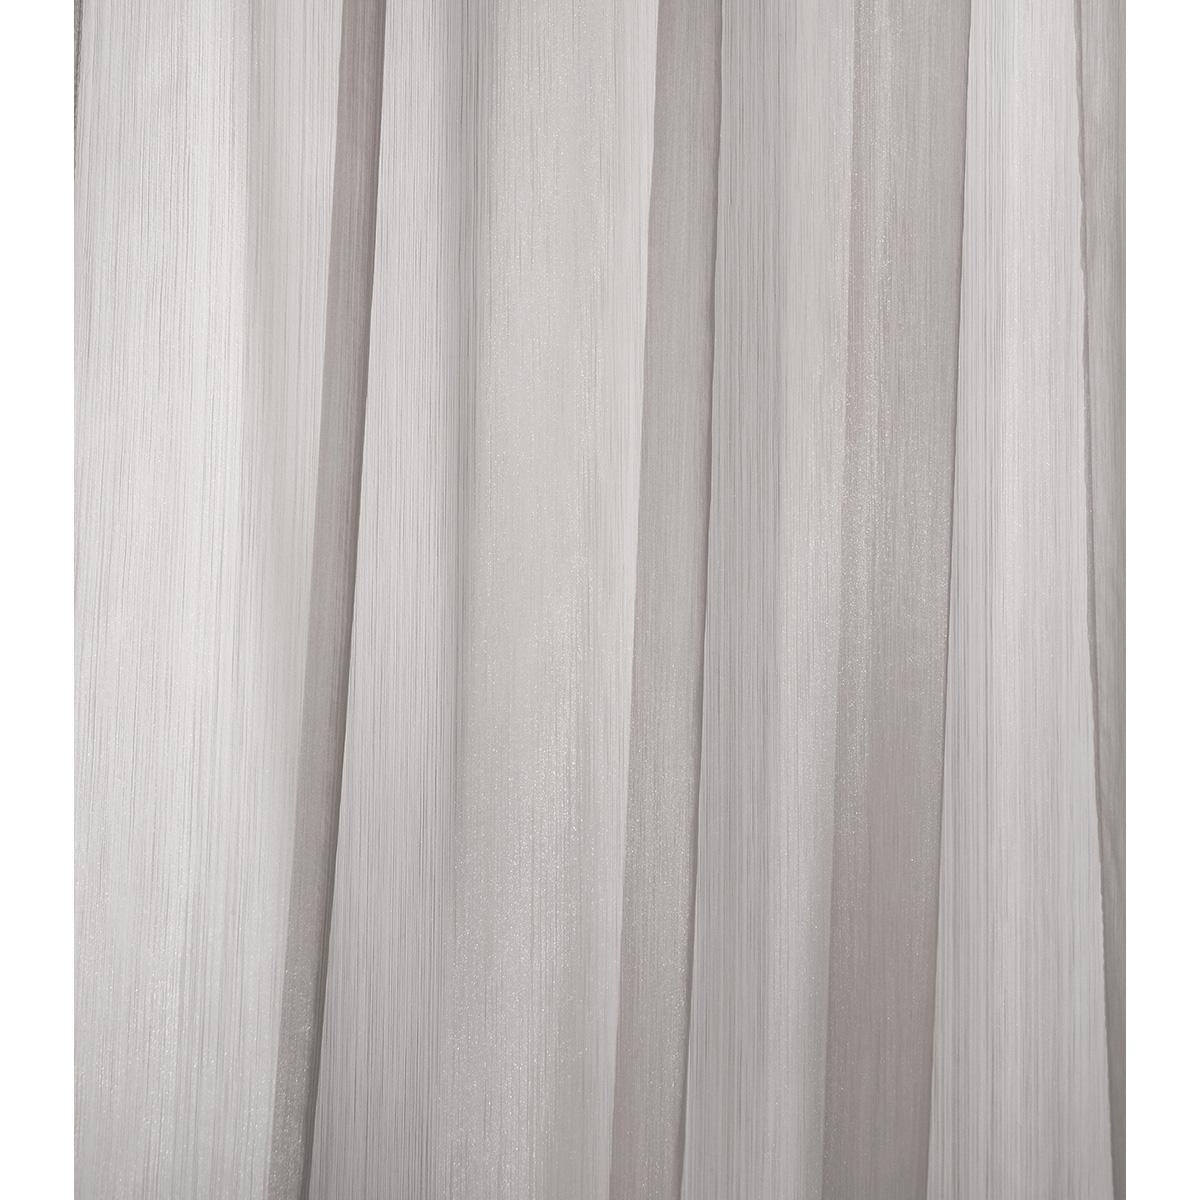 Tissu transparent et léger - Gris Foncé - 3 m